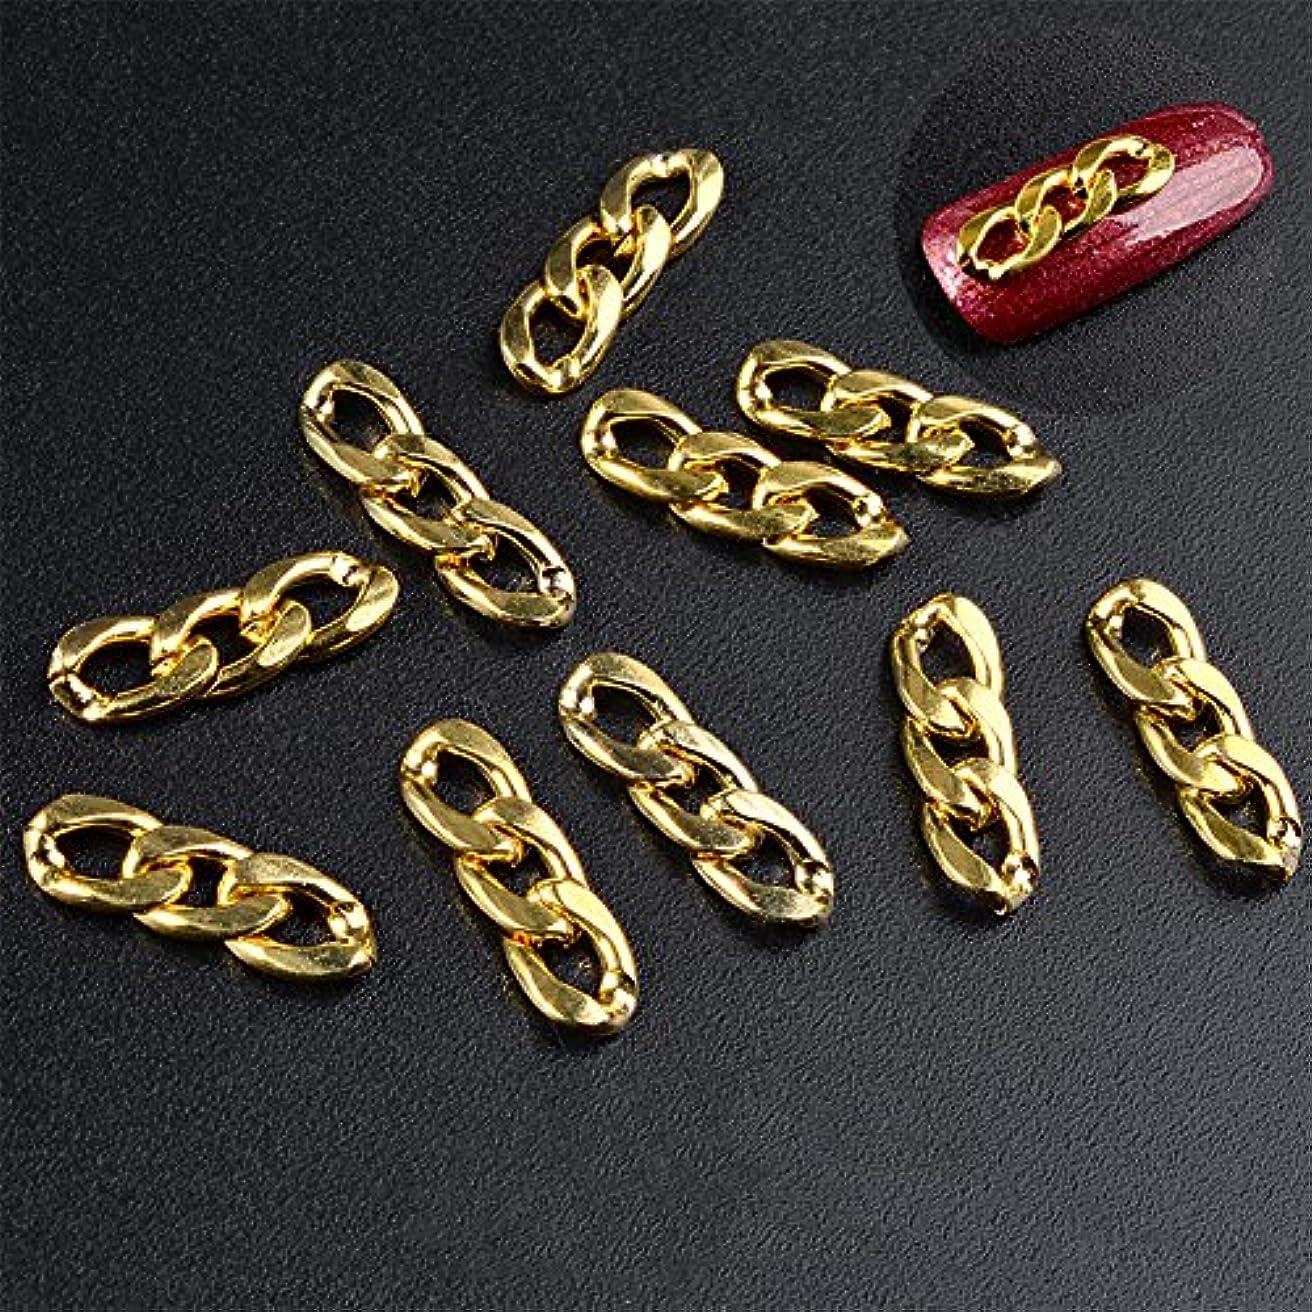 暖かさ一握り記憶Rabugoo 10PCSシャイニーネイルアートチェーンの装飾マニキュア供給 gold